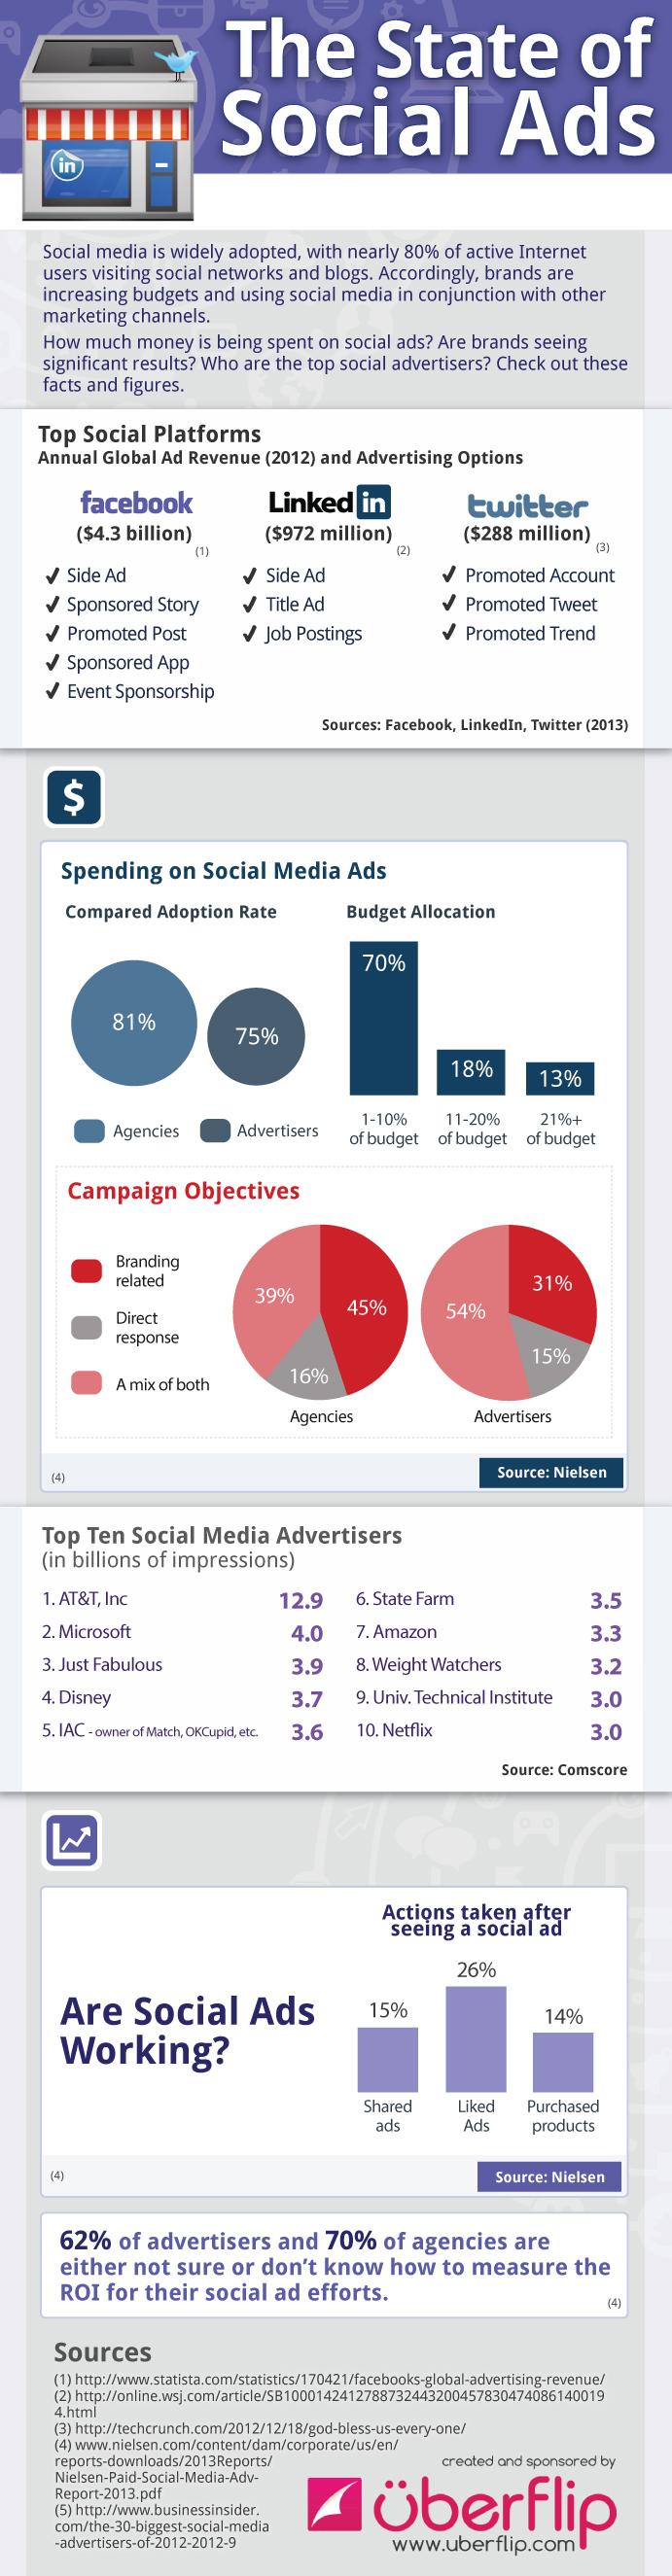 social-ads-roi-infographic-uberflip